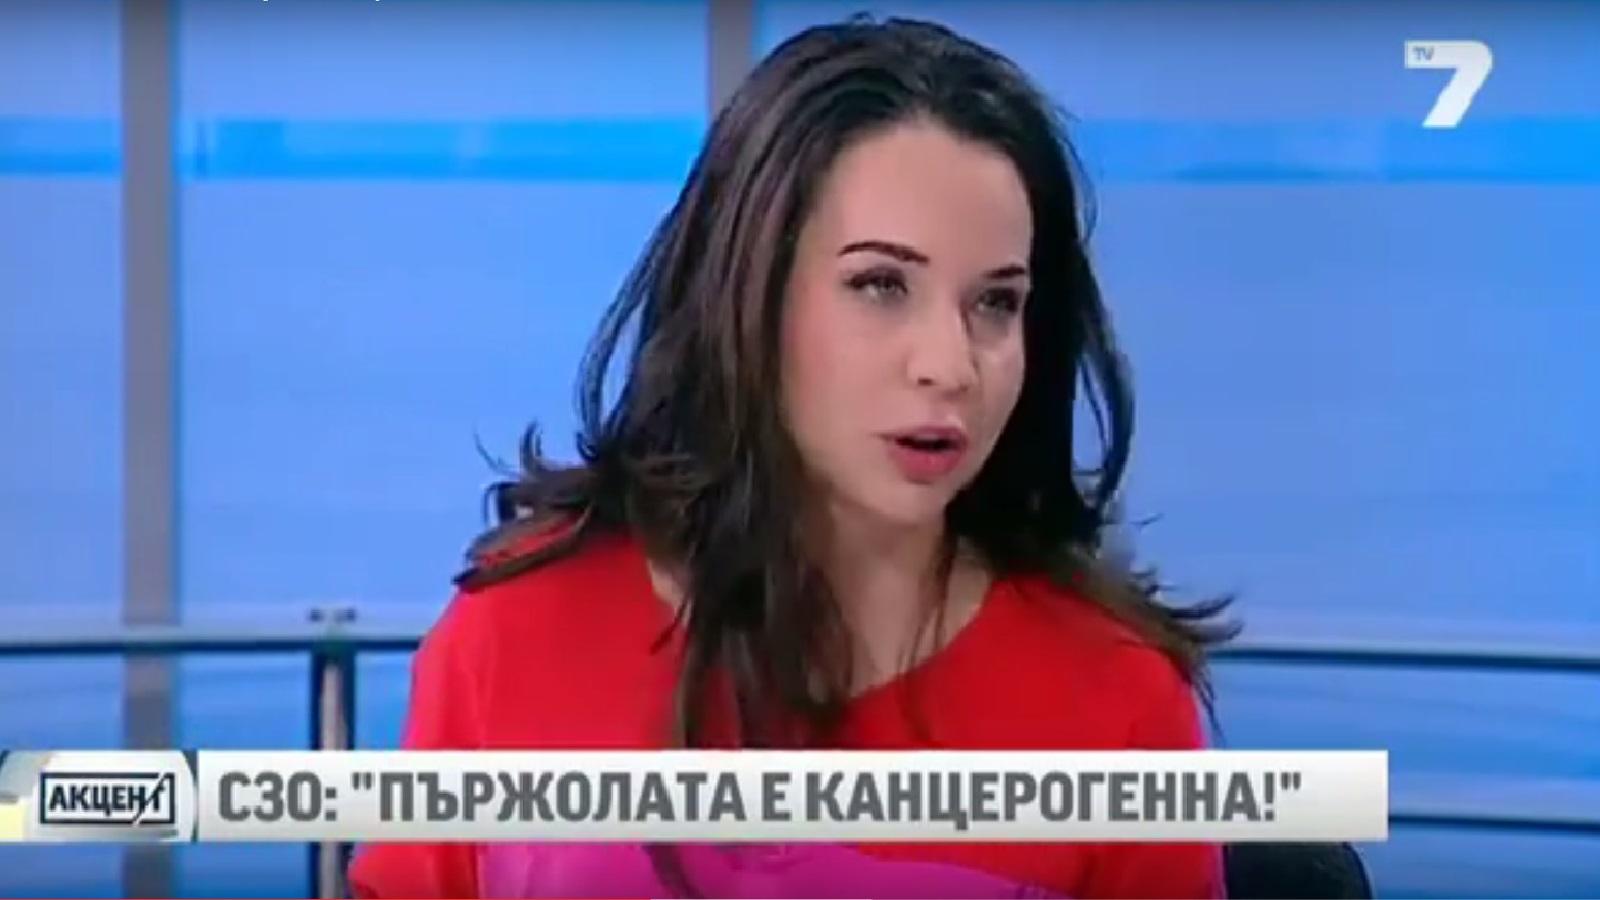 ТВ7 – Акцент – СЗО иска да обяви месото за опасно – 03.11.2015 г.